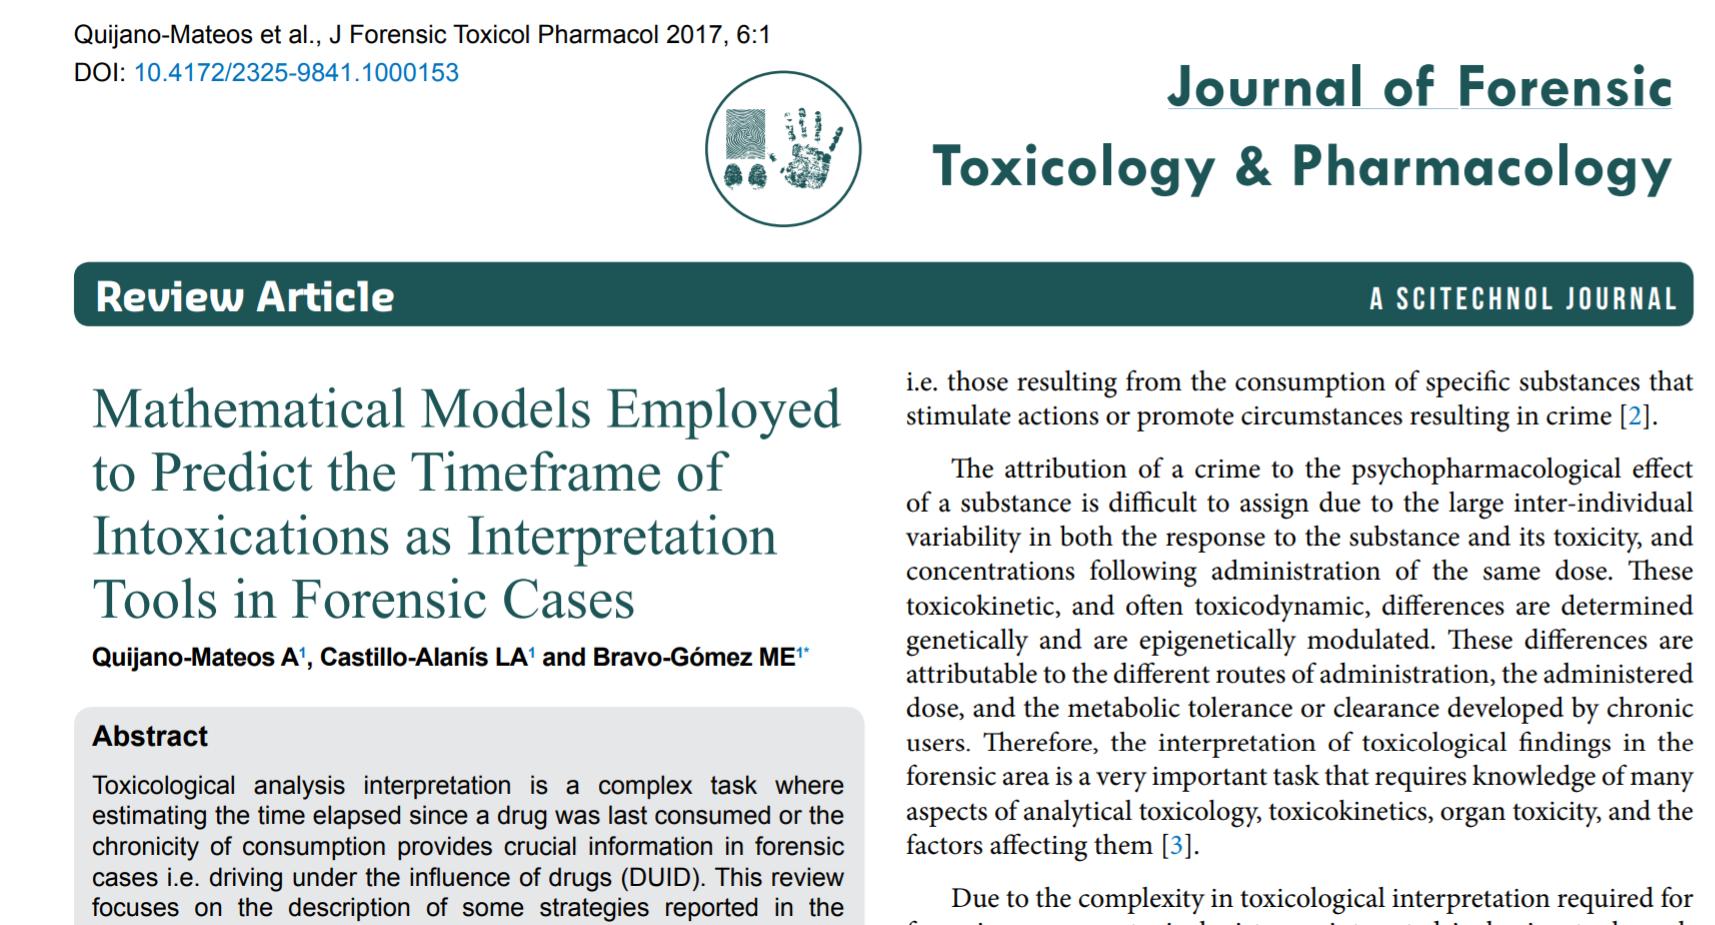 Artículo de la LCF, sobre modelos matemáticos para predecir el plazo de intoxicación